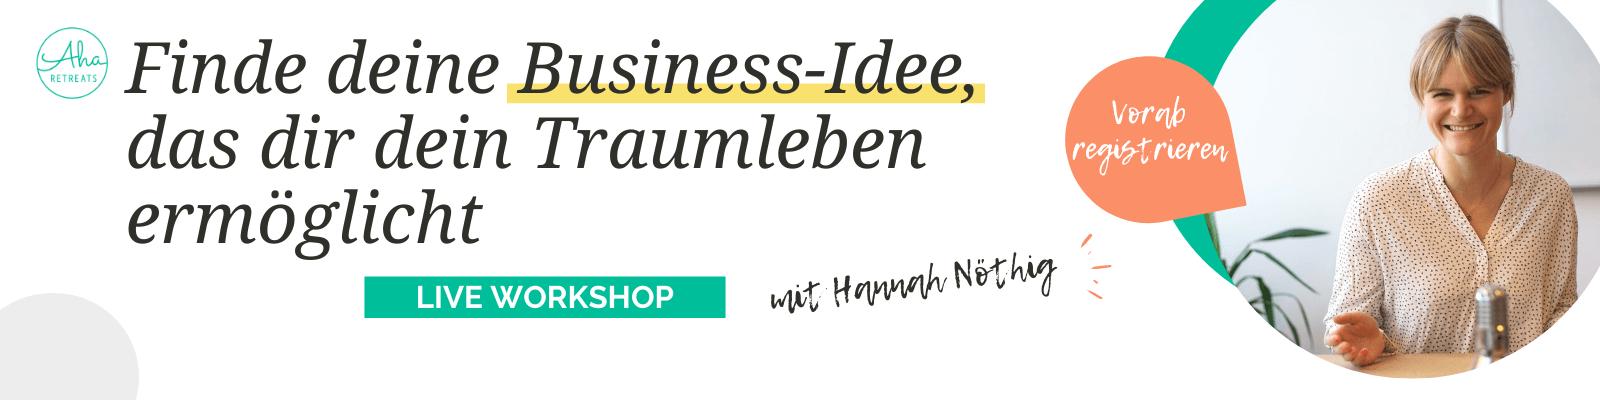 Live Workshop Finde deine Business Idee